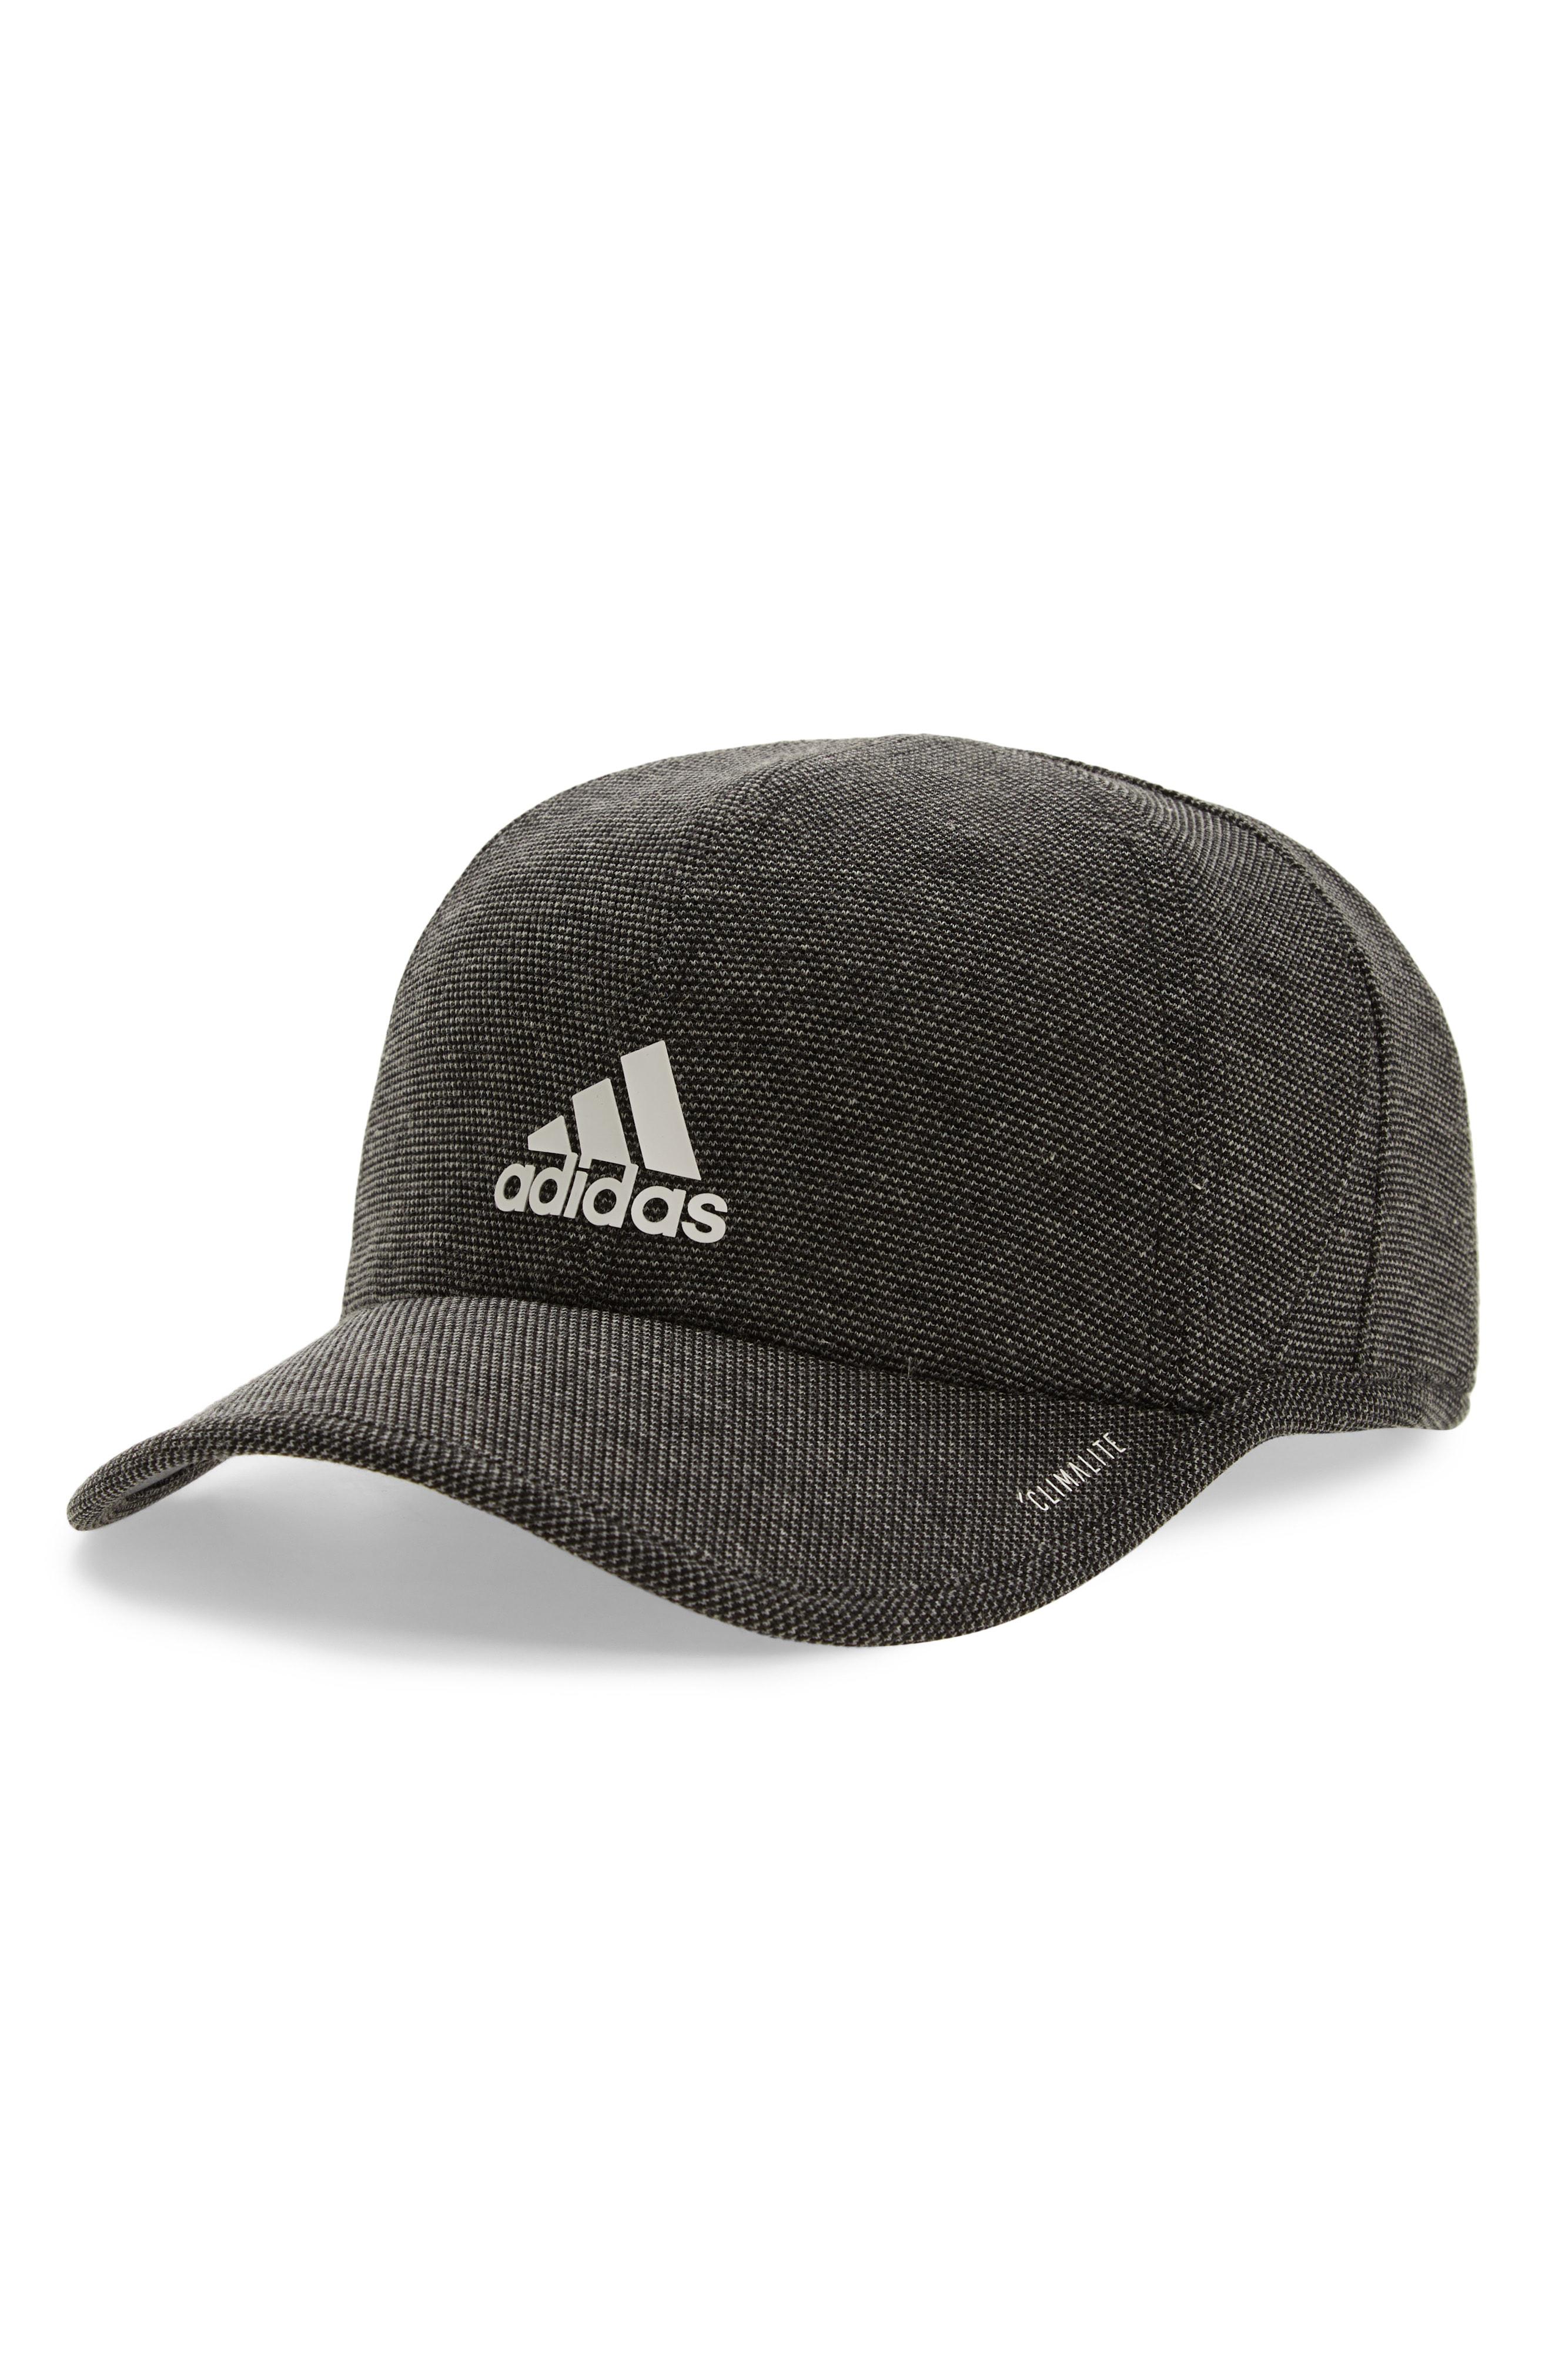 acbc85846f0 Adidas Originals Adidas Original Superlite Pro Ii Baseball Cap ...